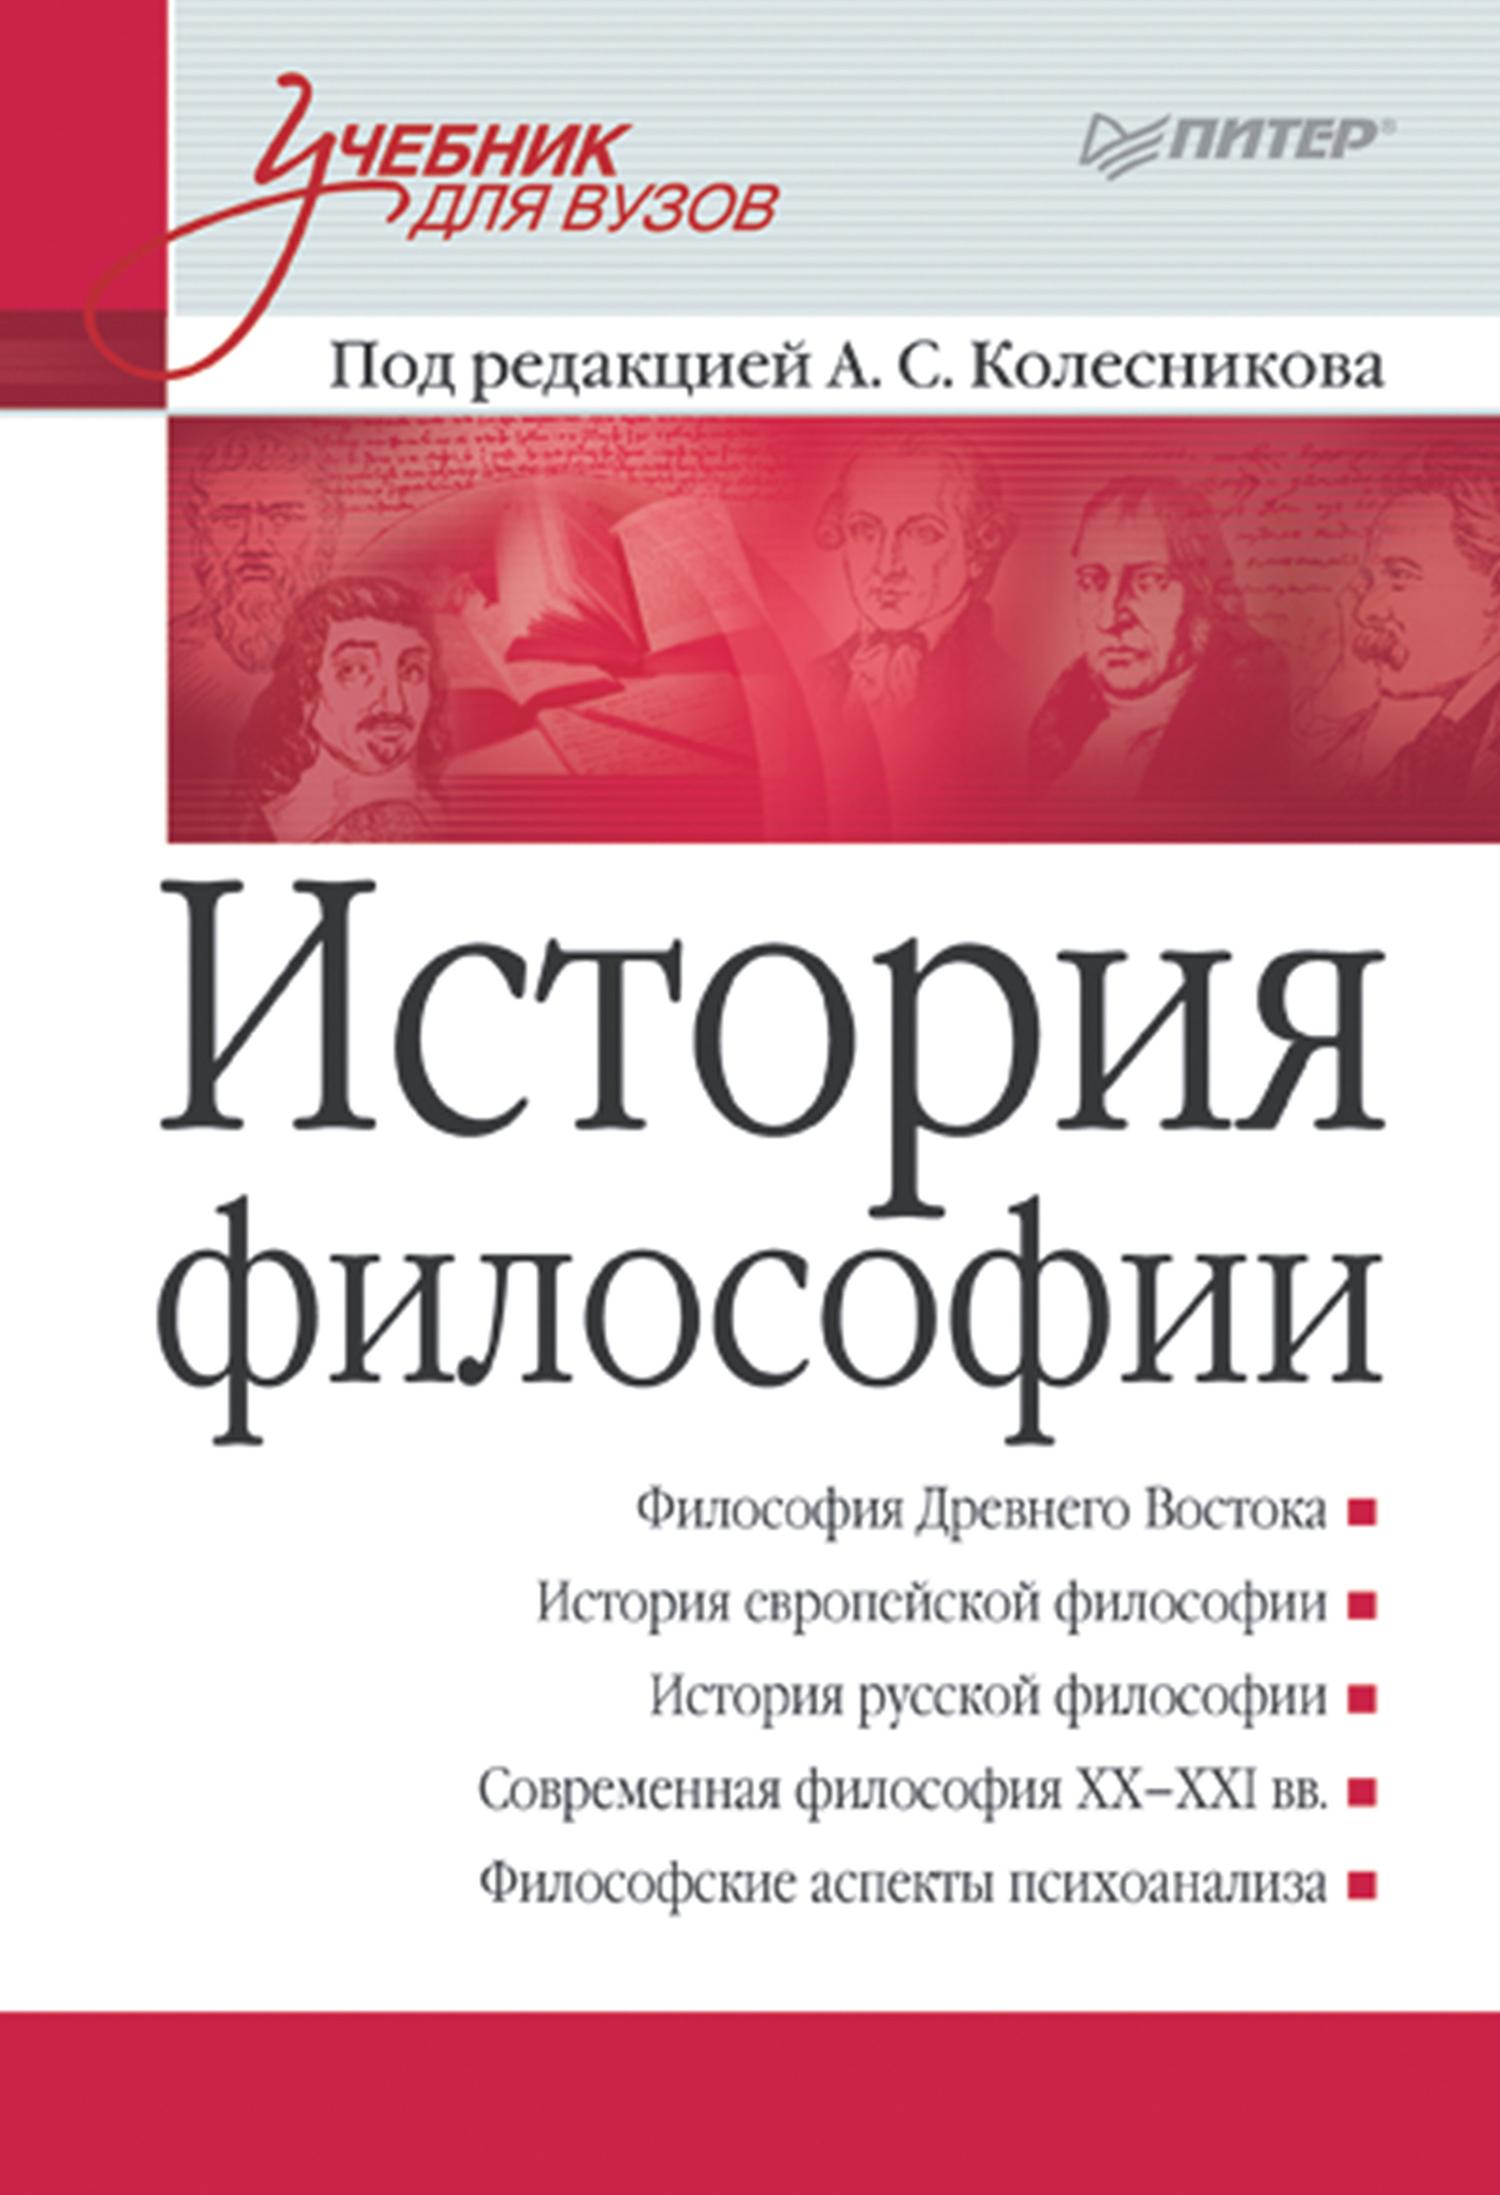 Коллектив авторов История филососфии. Учебник для вузов губин в философия учебник